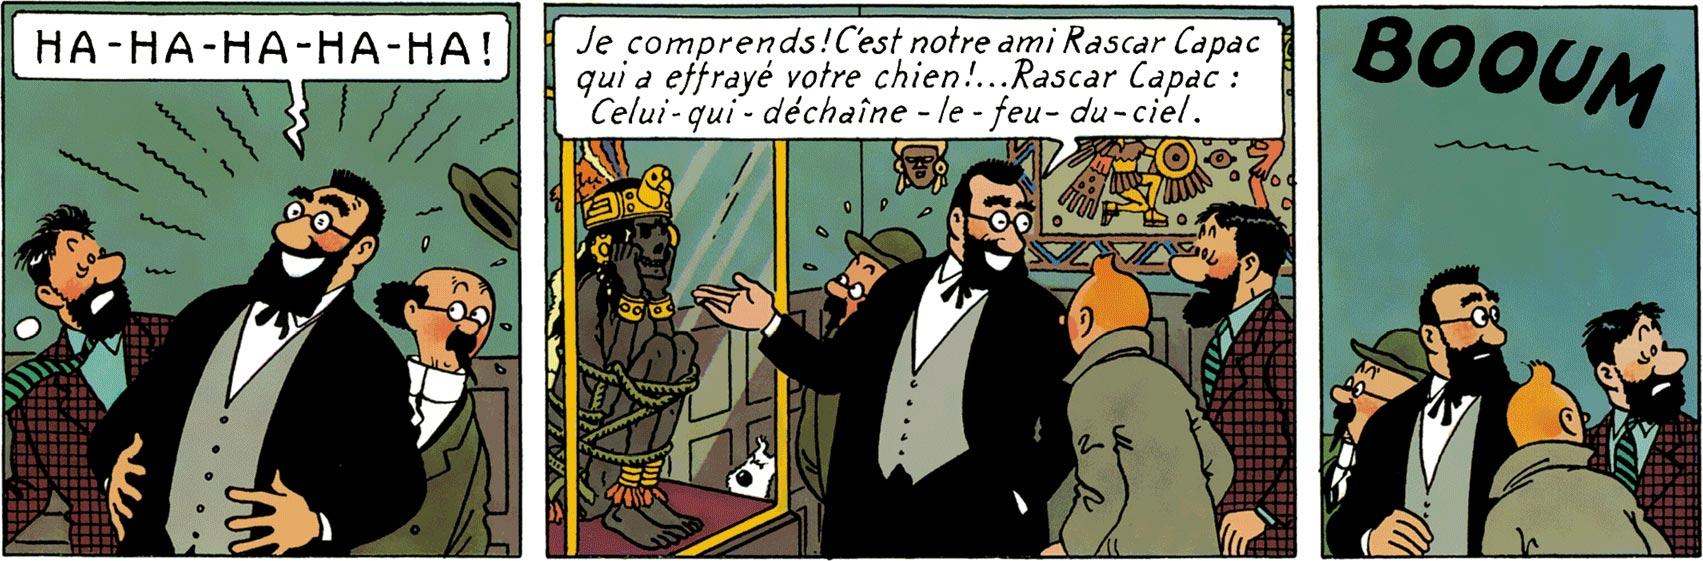 Bergamotte présente la momie Rascar Capac